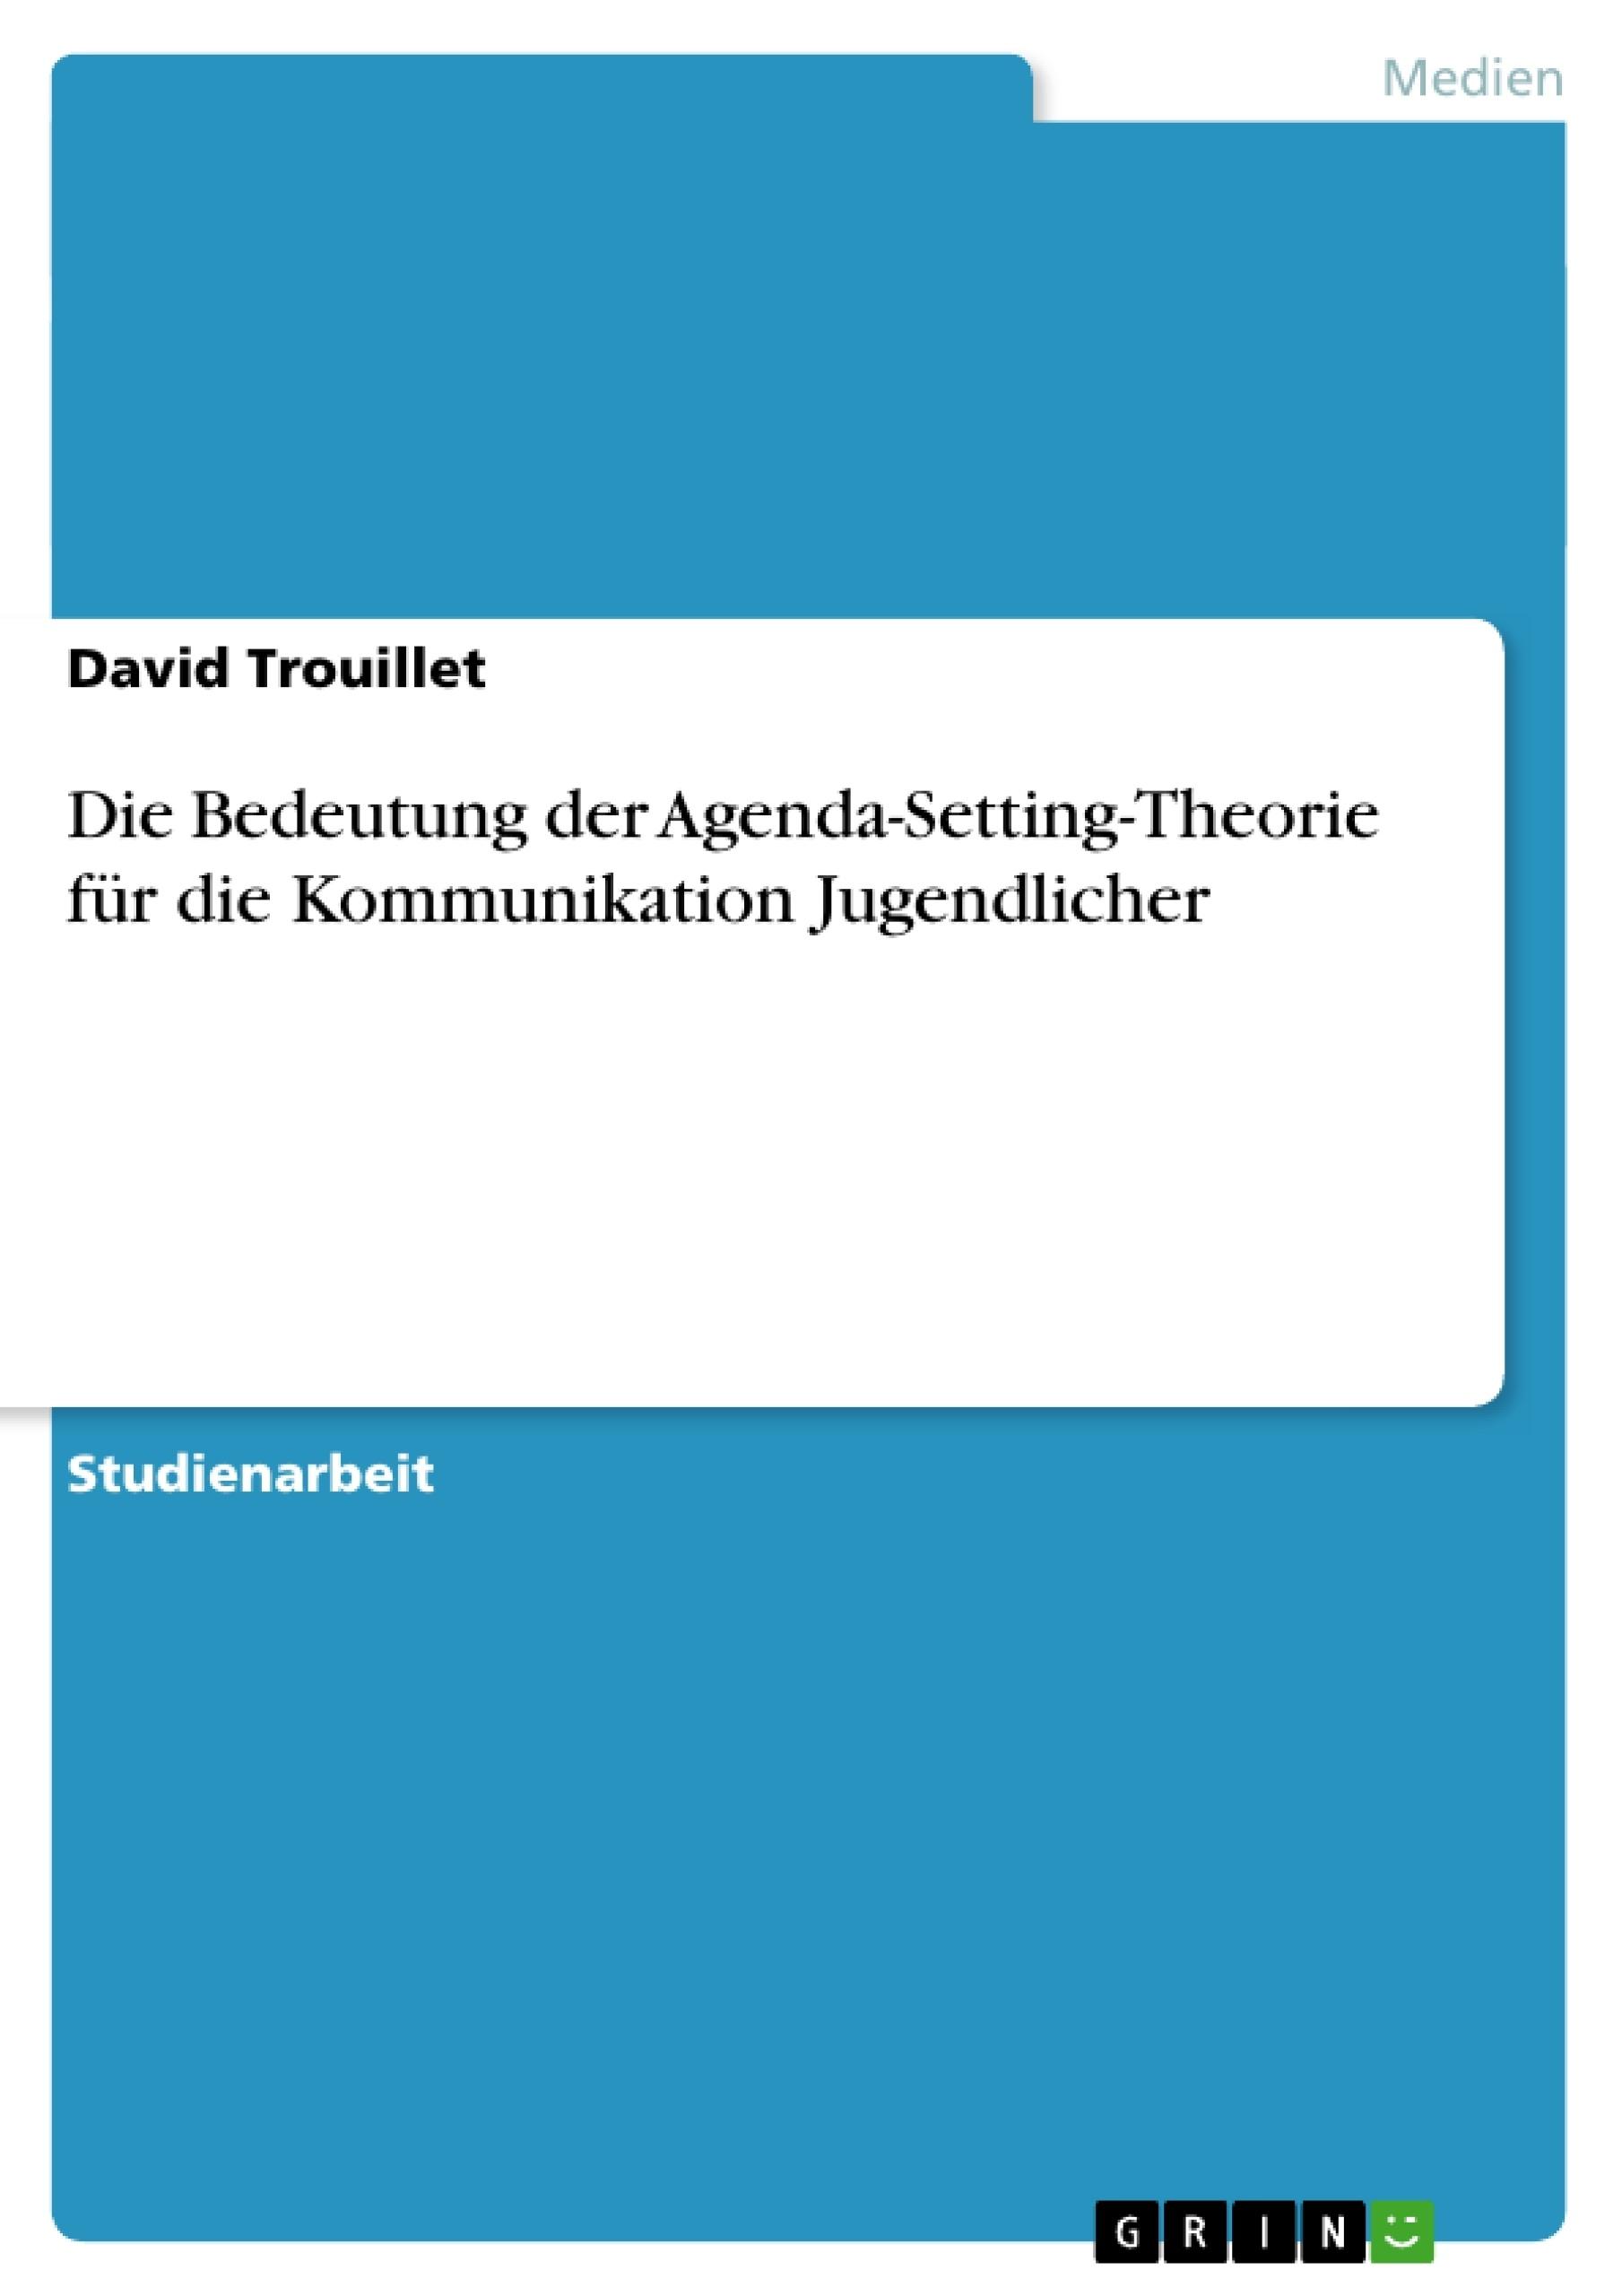 Titel: Die Bedeutung der Agenda-Setting-Theorie für die Kommunikation Jugendlicher